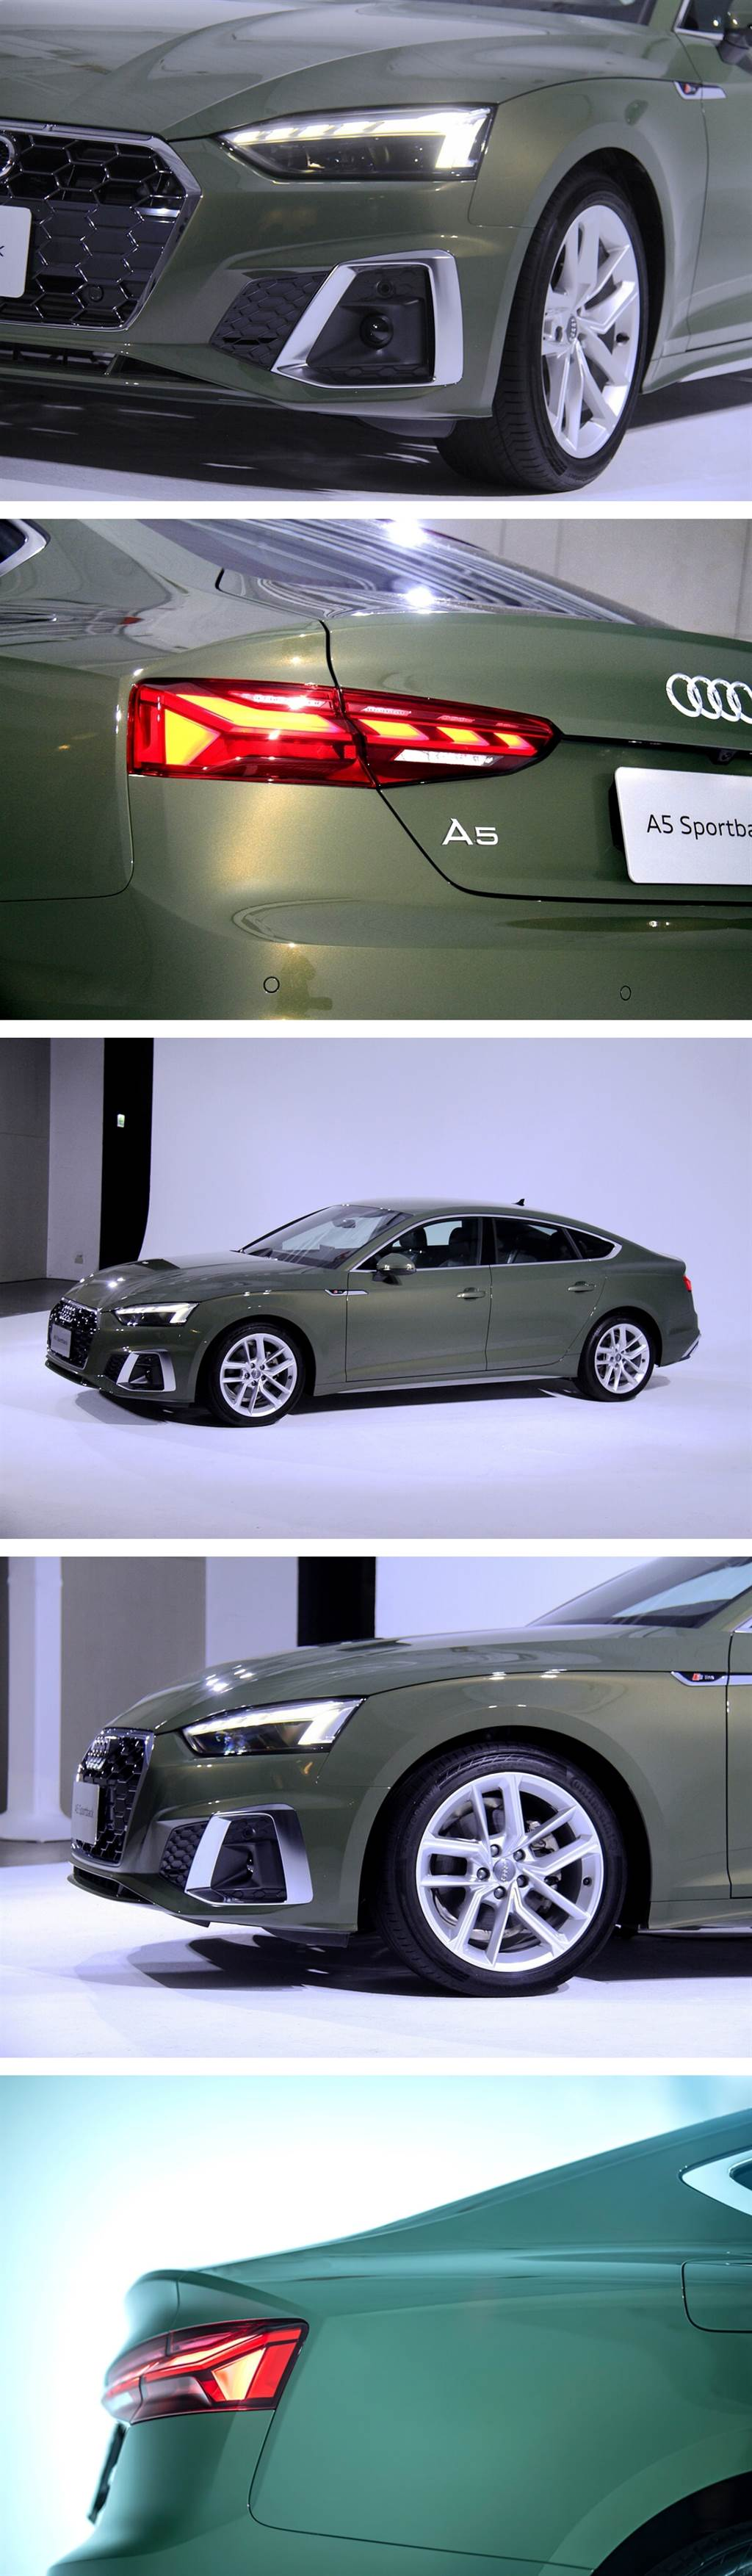 美型難以抗拒,優雅典藏在Audi A5 Sportback,三種規格登台販售